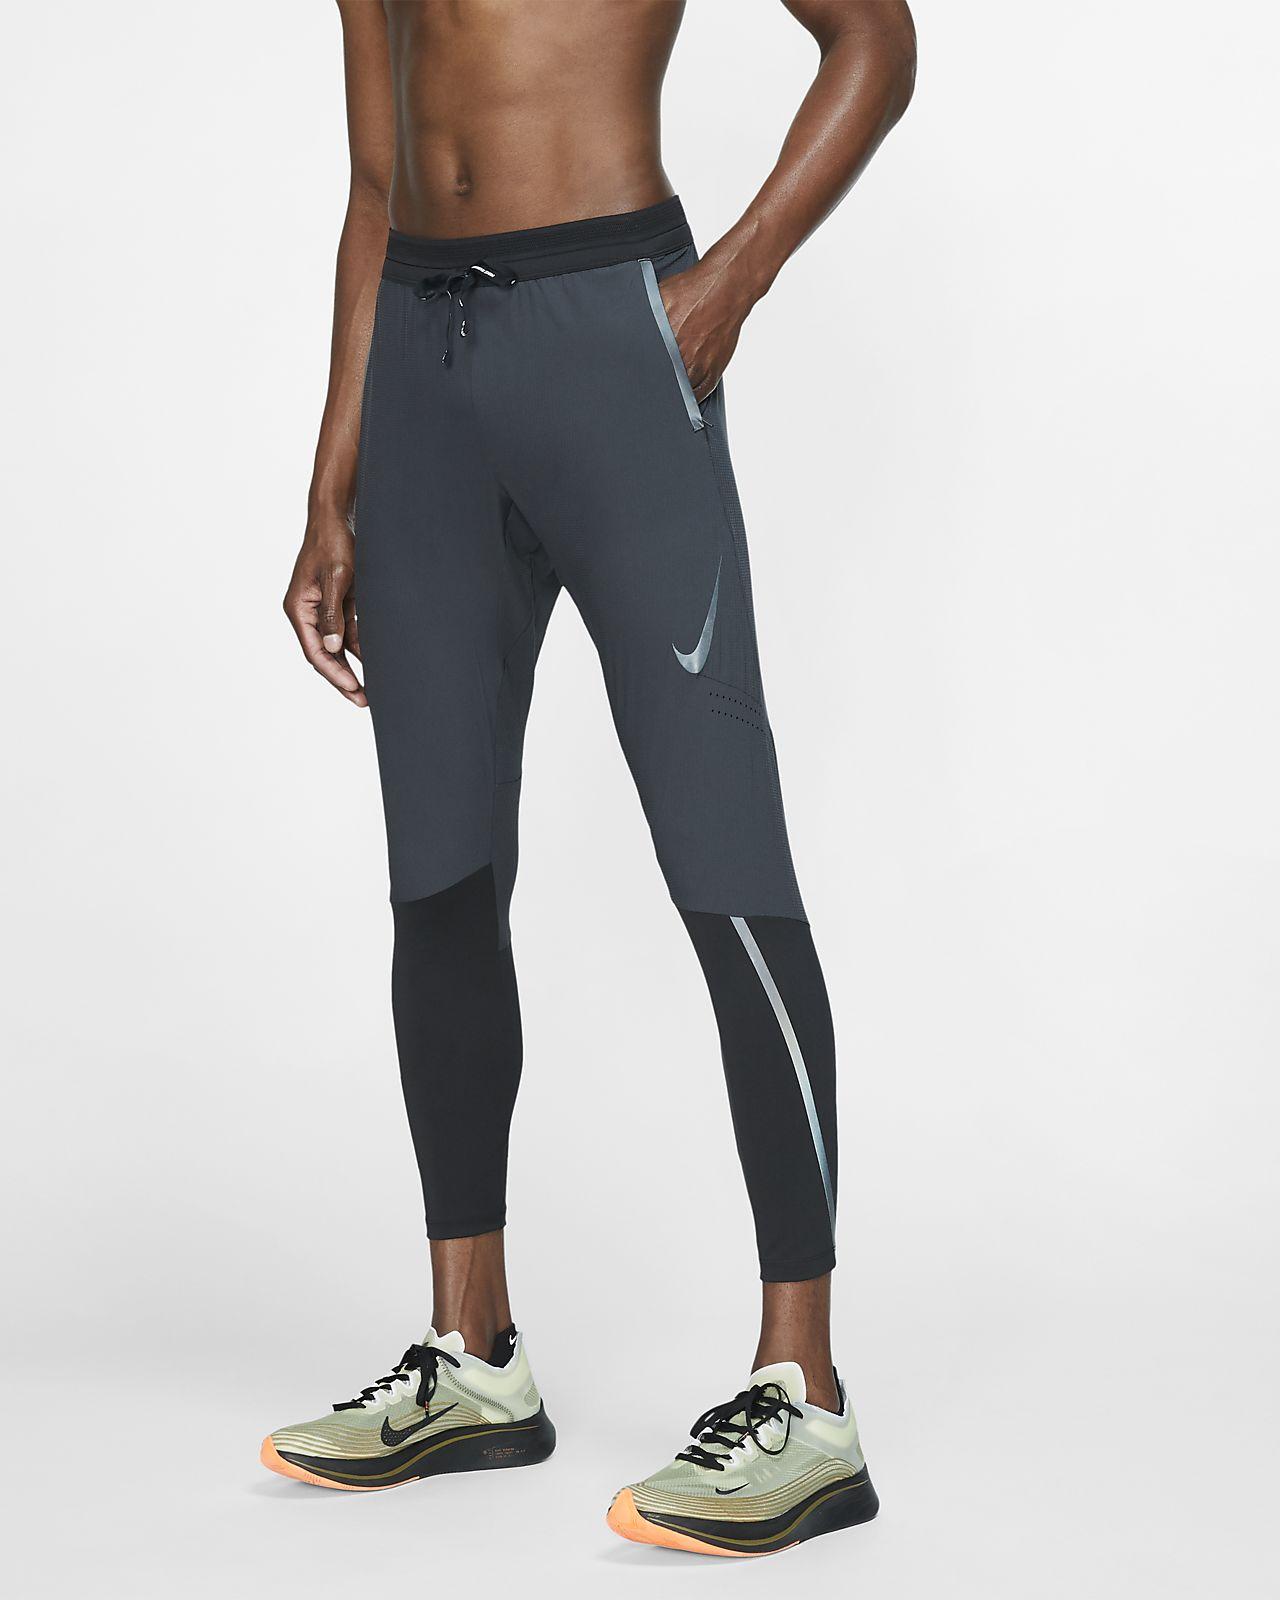 Ανδρικό παντελόνι για τρέξιμο Nike Swift